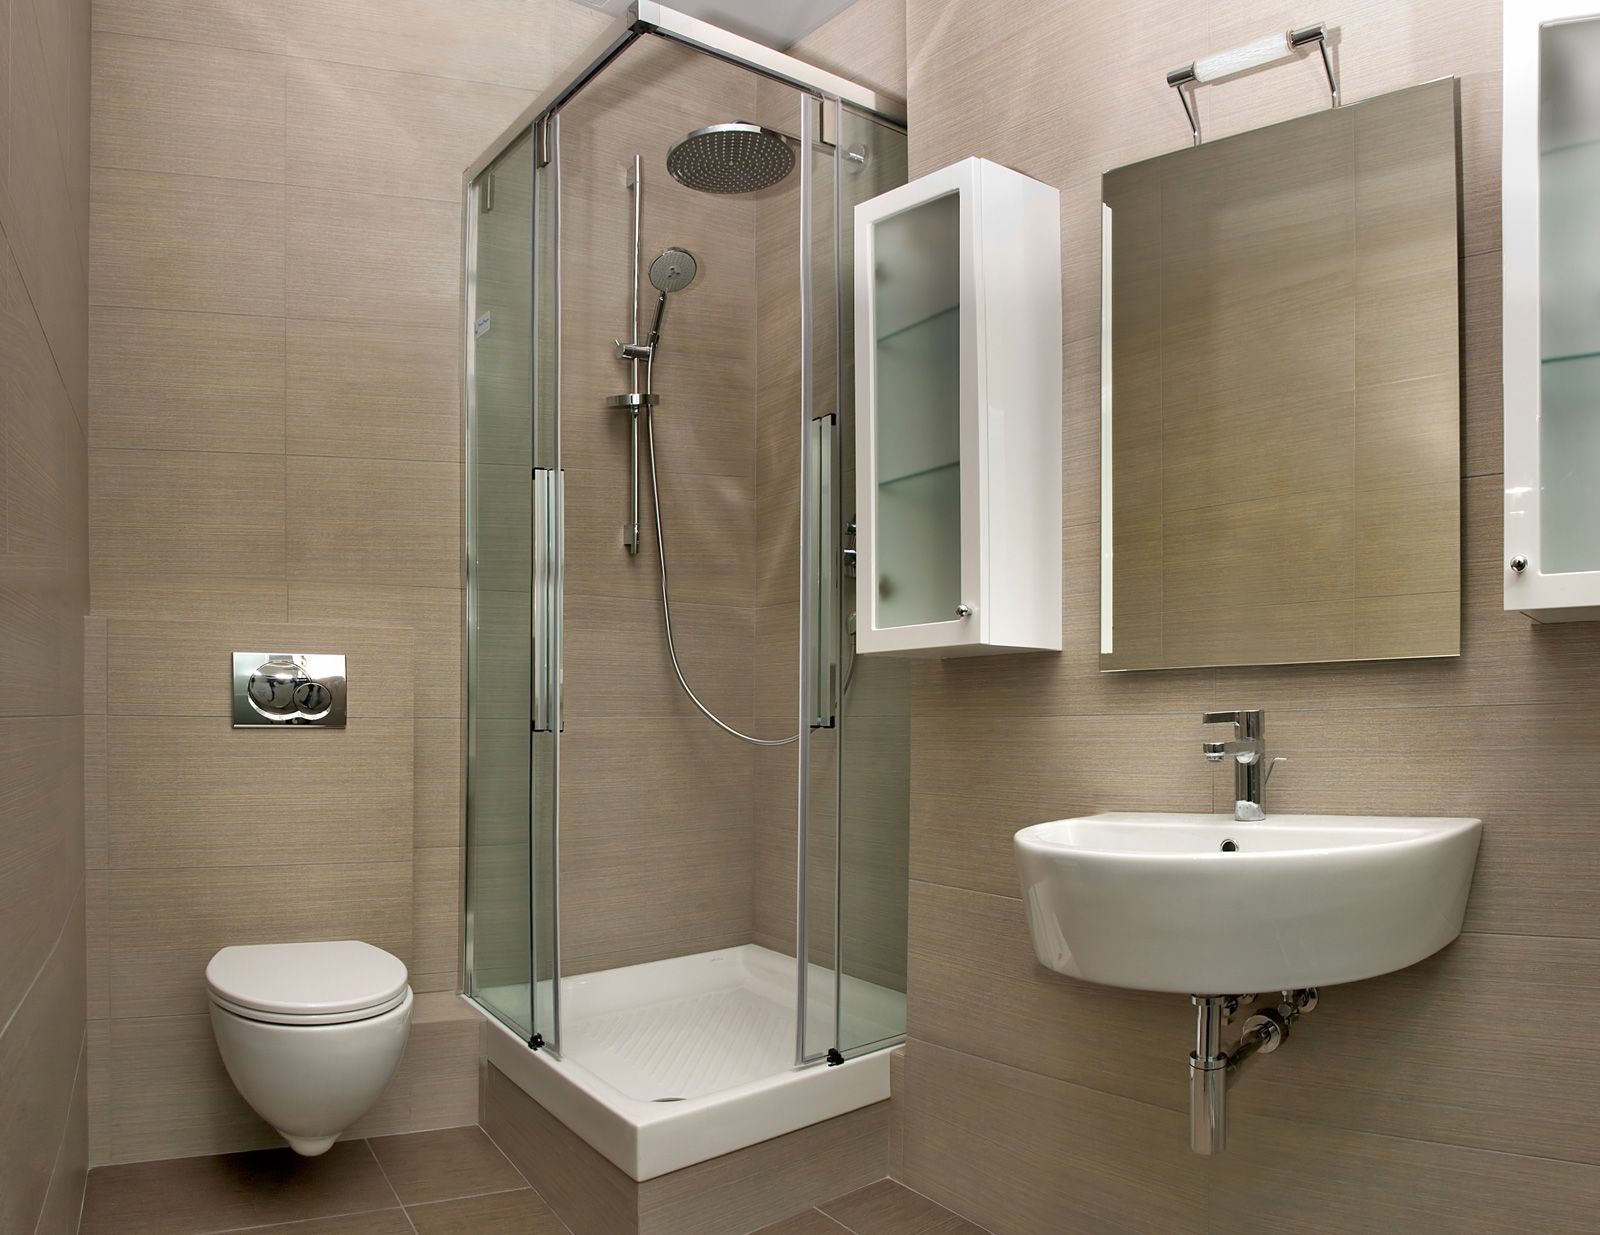 Kleinem Raum Badezimmer Badezimmer Design Kleine Badezimmer Badezimmer Renovieren